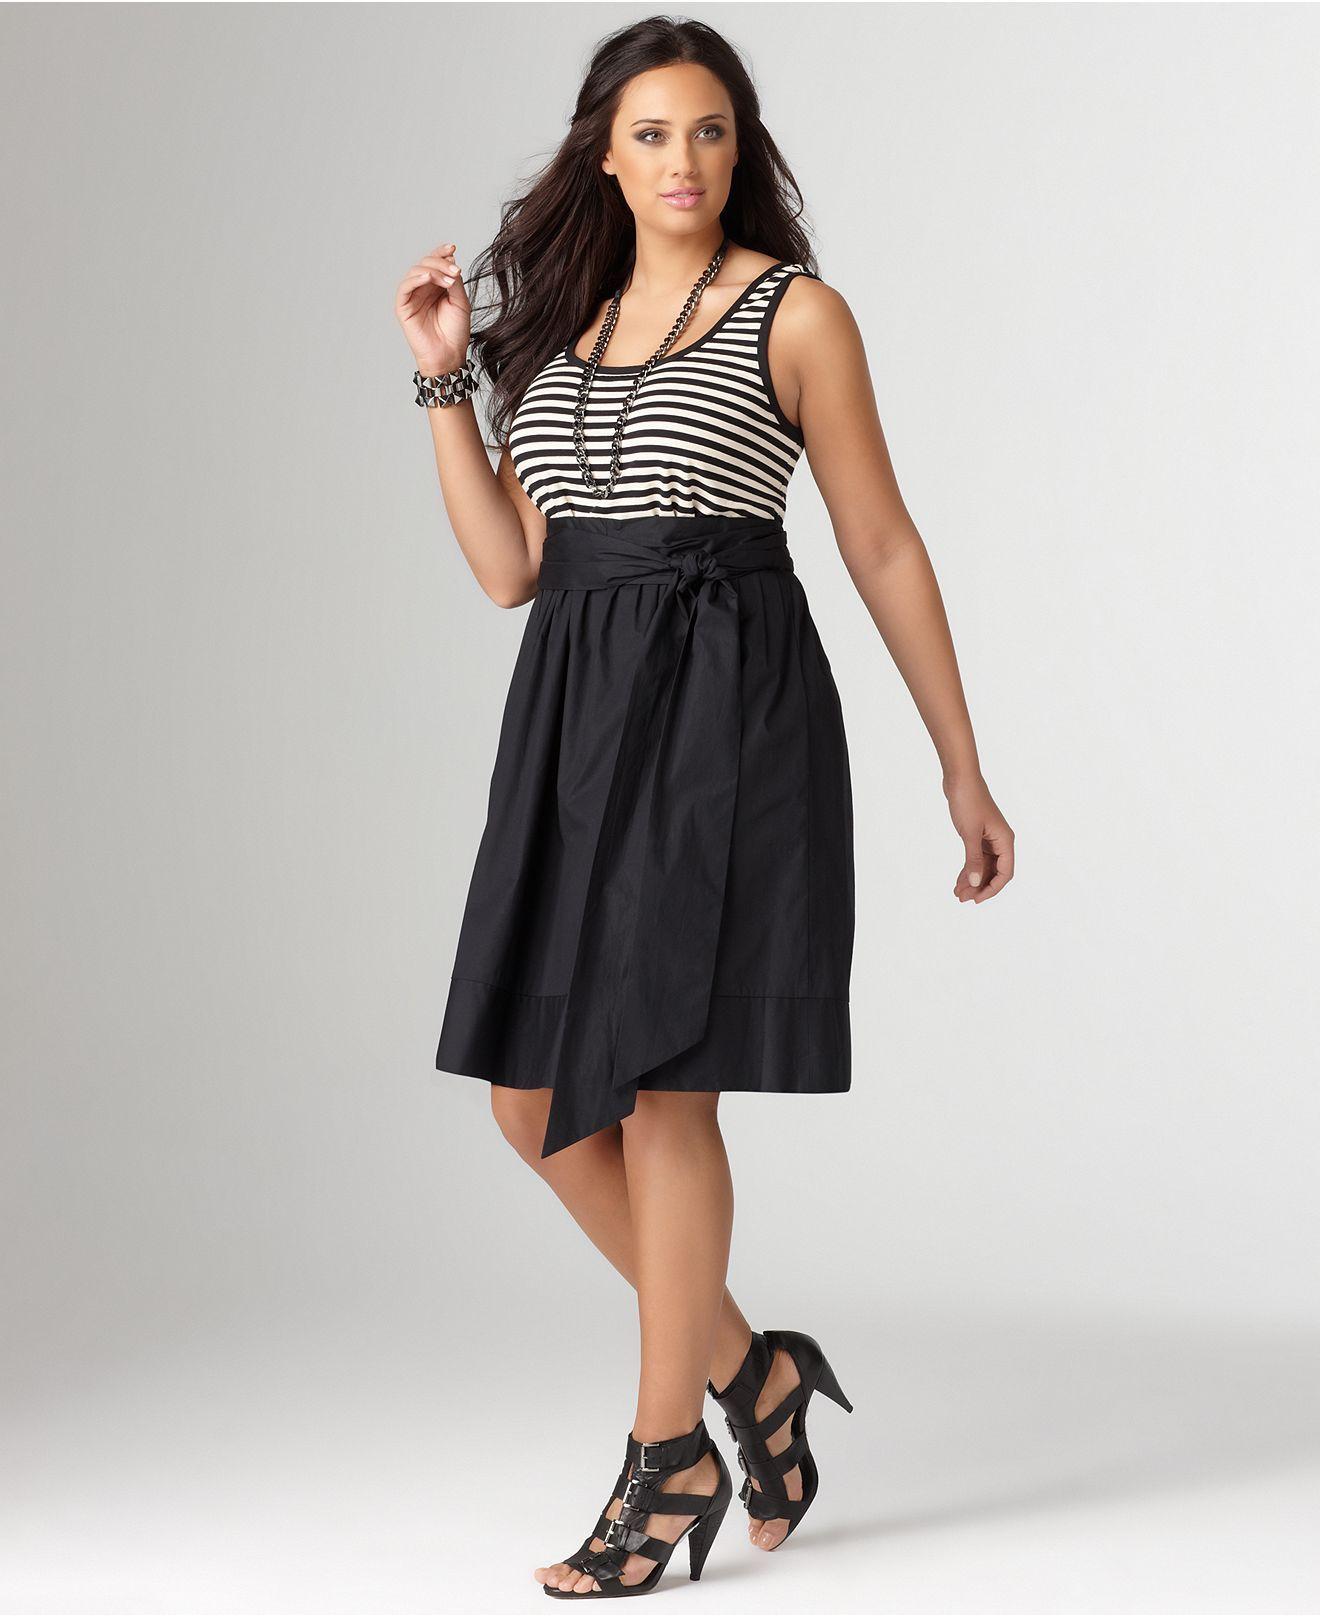 Plus size maxi dresses for summer wedding  cute summer dress  My Style  Pinterest  Dress online Summer